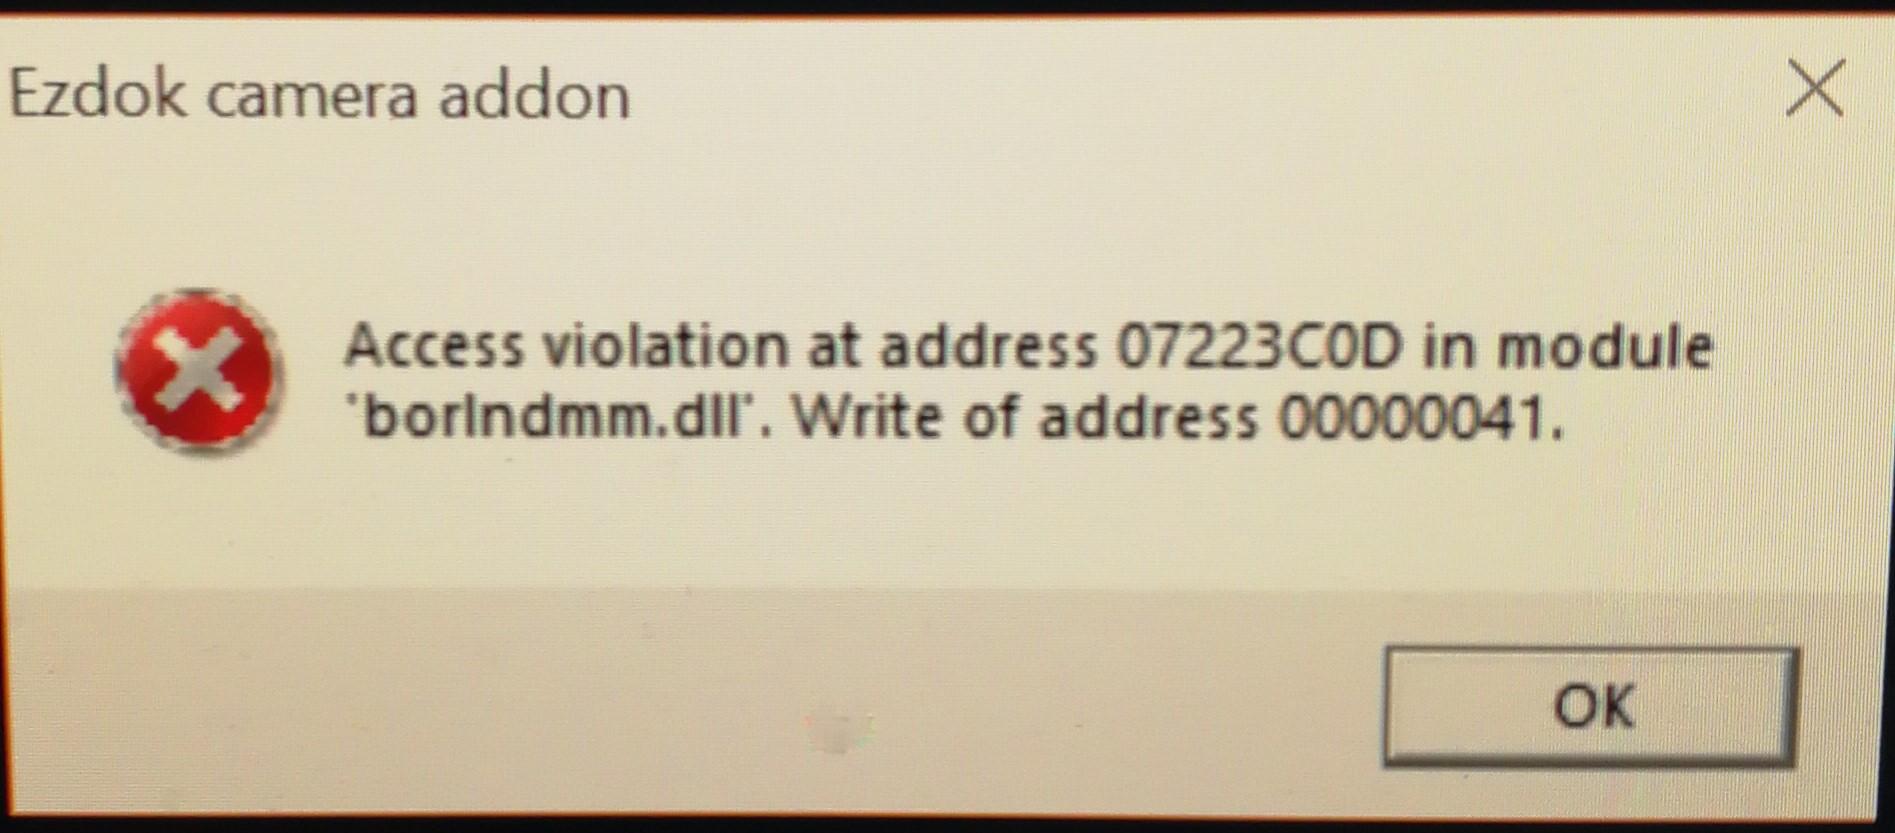 EZCA Pro v3 - access violation - SimForums com Discussion - Page 1